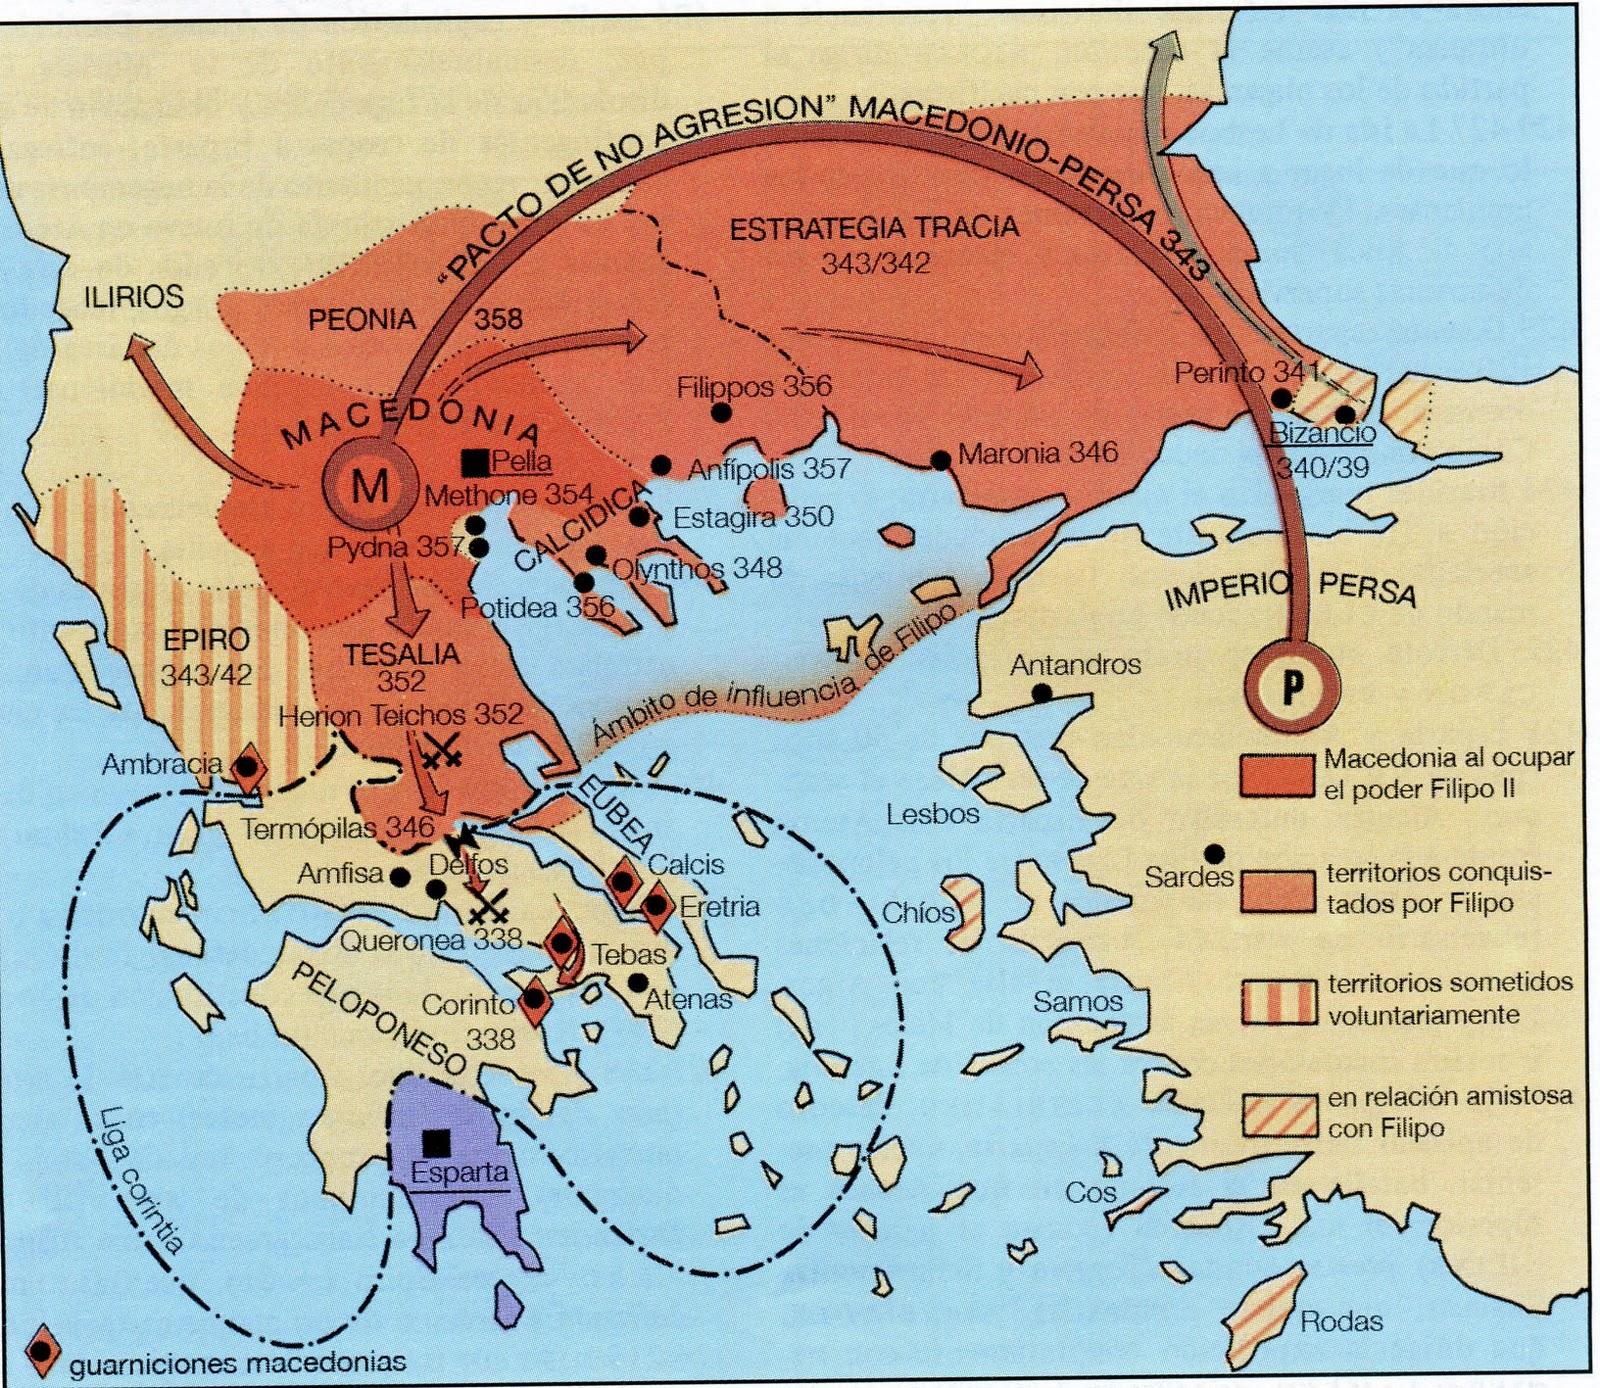 Expansion de Macedonia - Expansión de Macedonia: Filipo II y Alejandro Magno